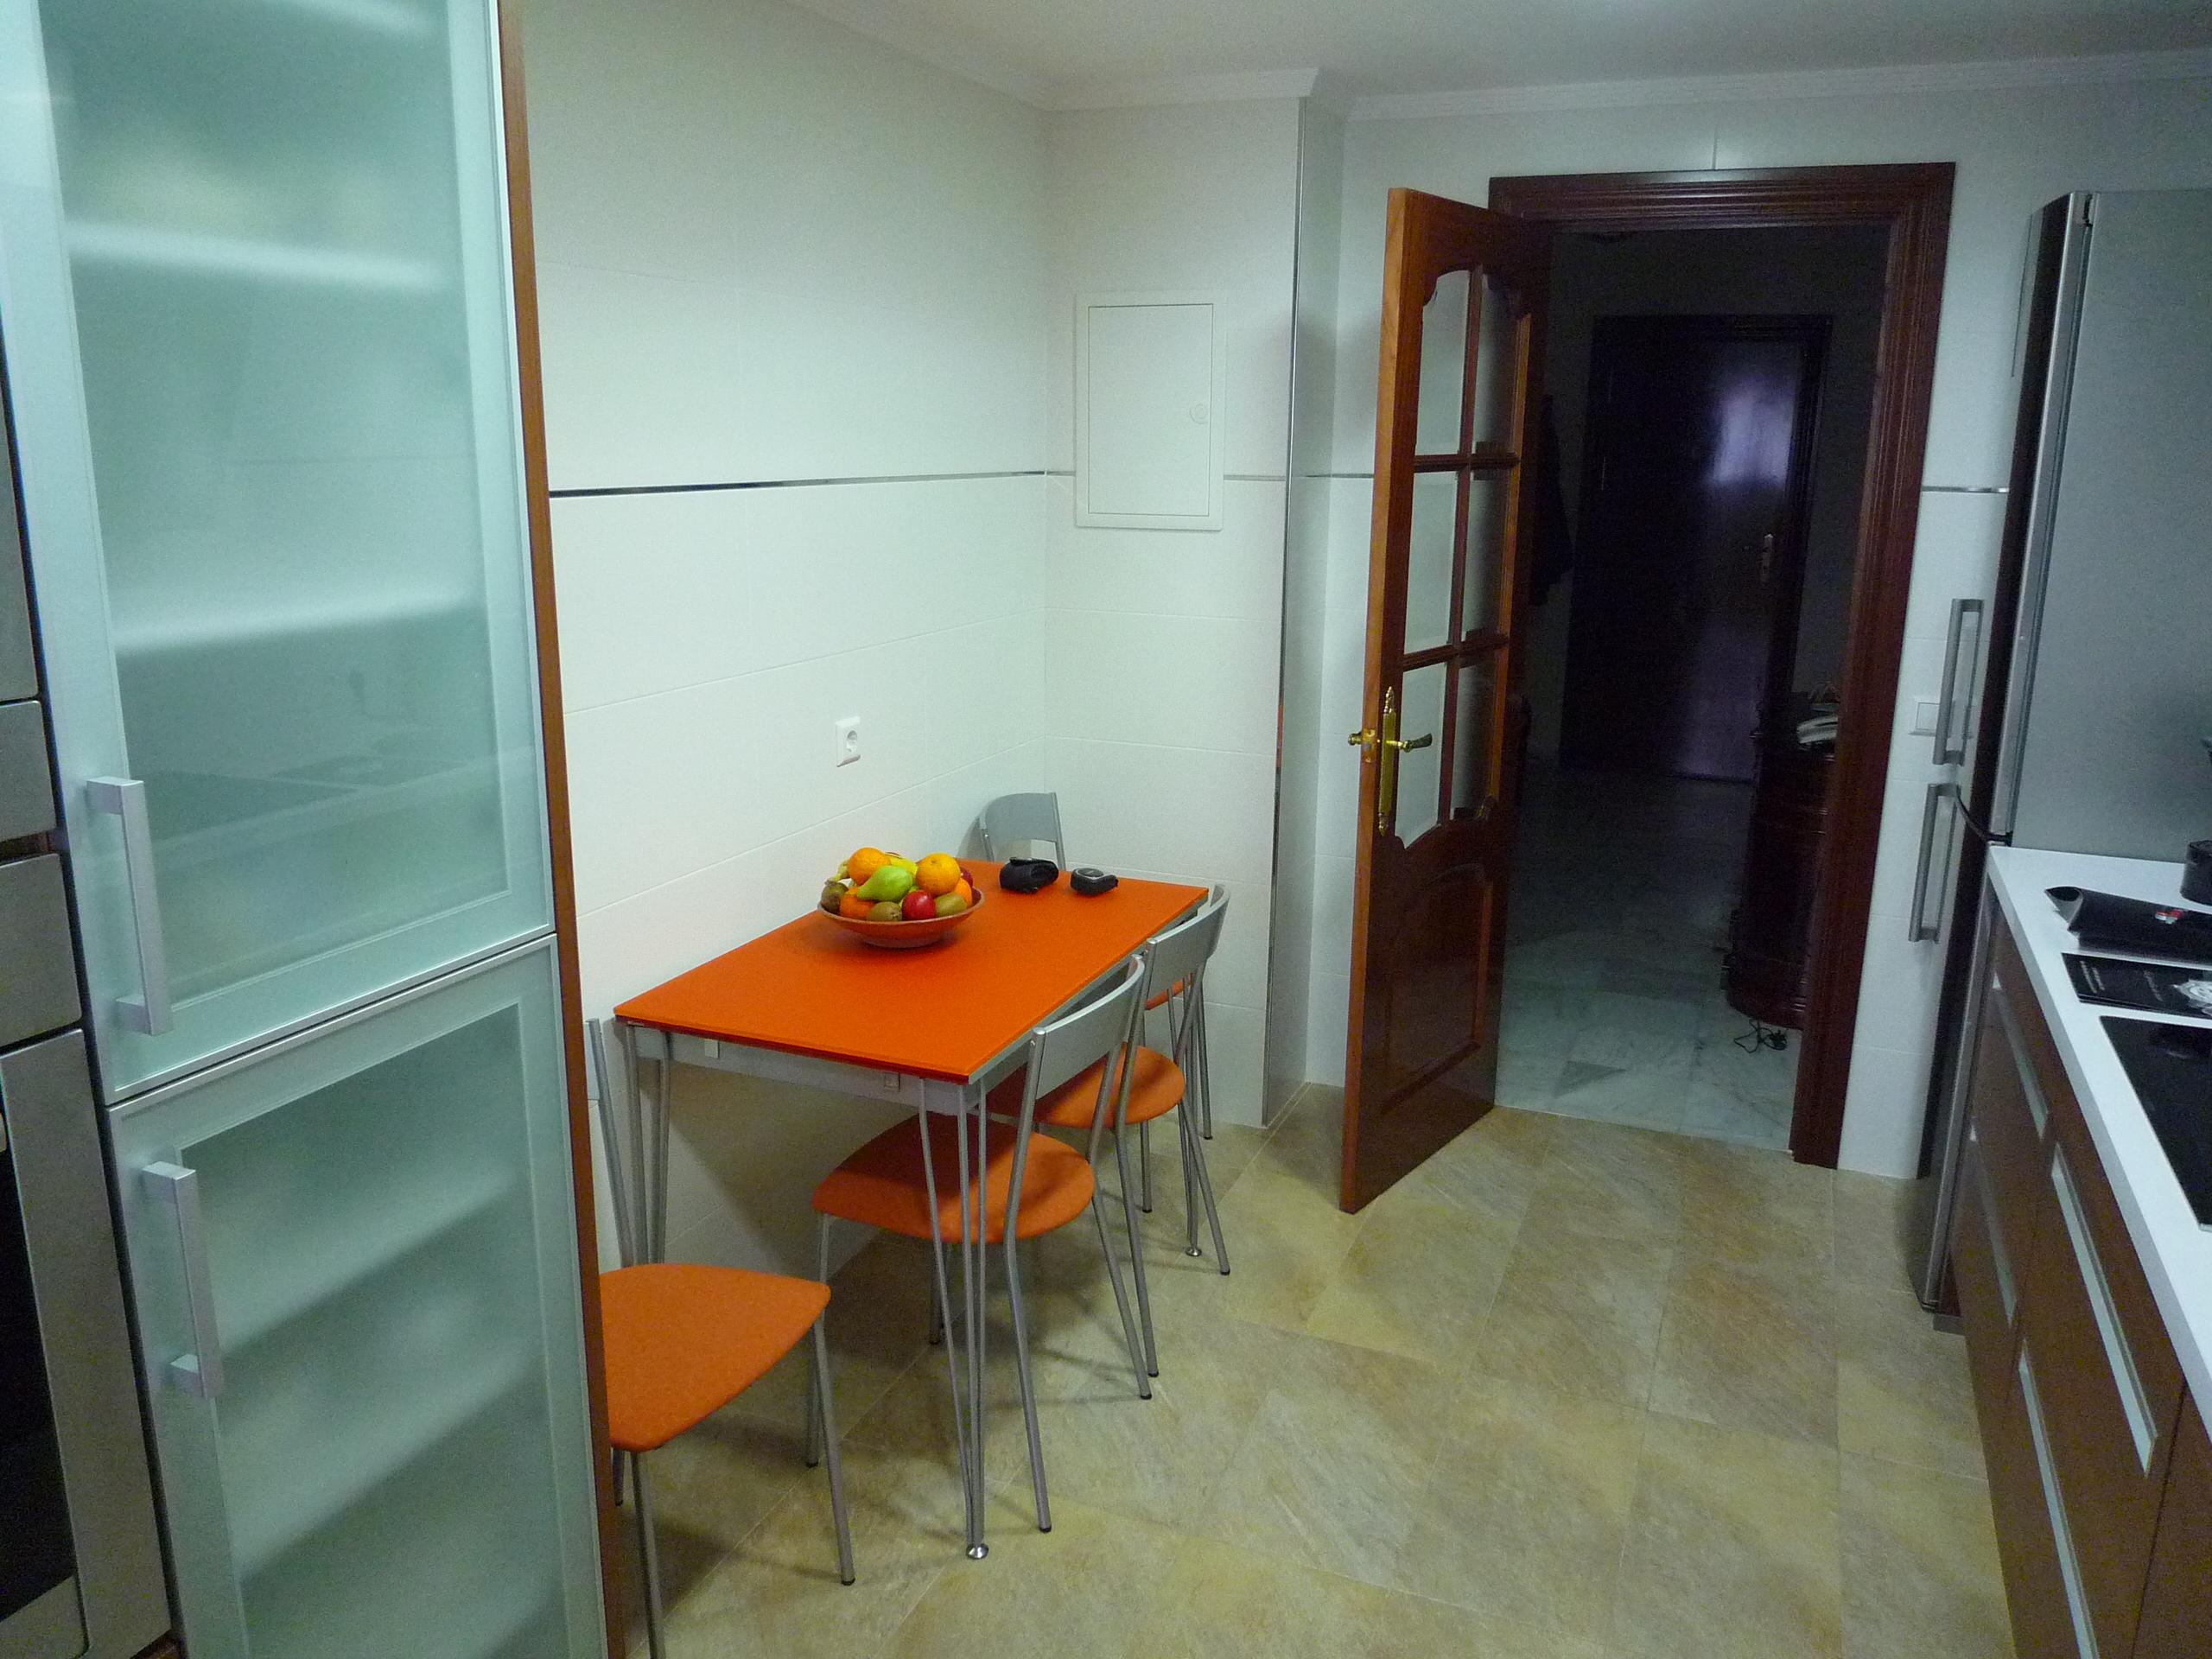 Espacio para comer en la cocina nolte cocinas - Cocinas pequenas con mesa ...